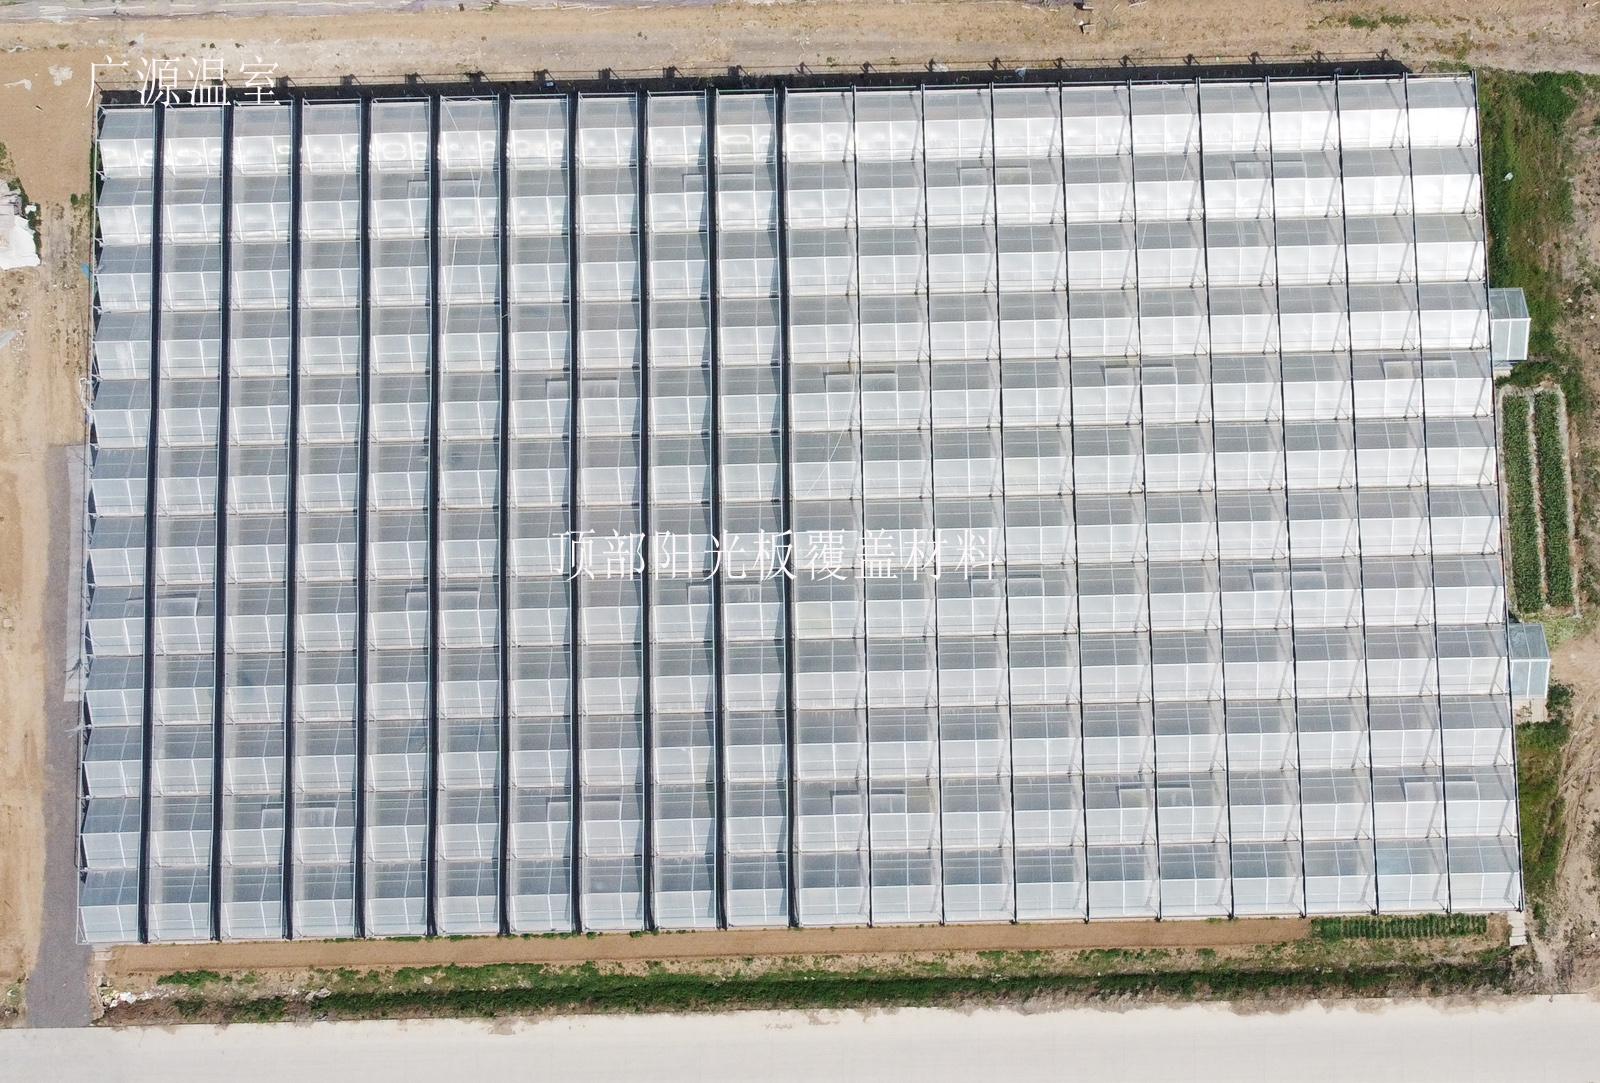 育苗玻璃温室大棚建造案例尺寸分享